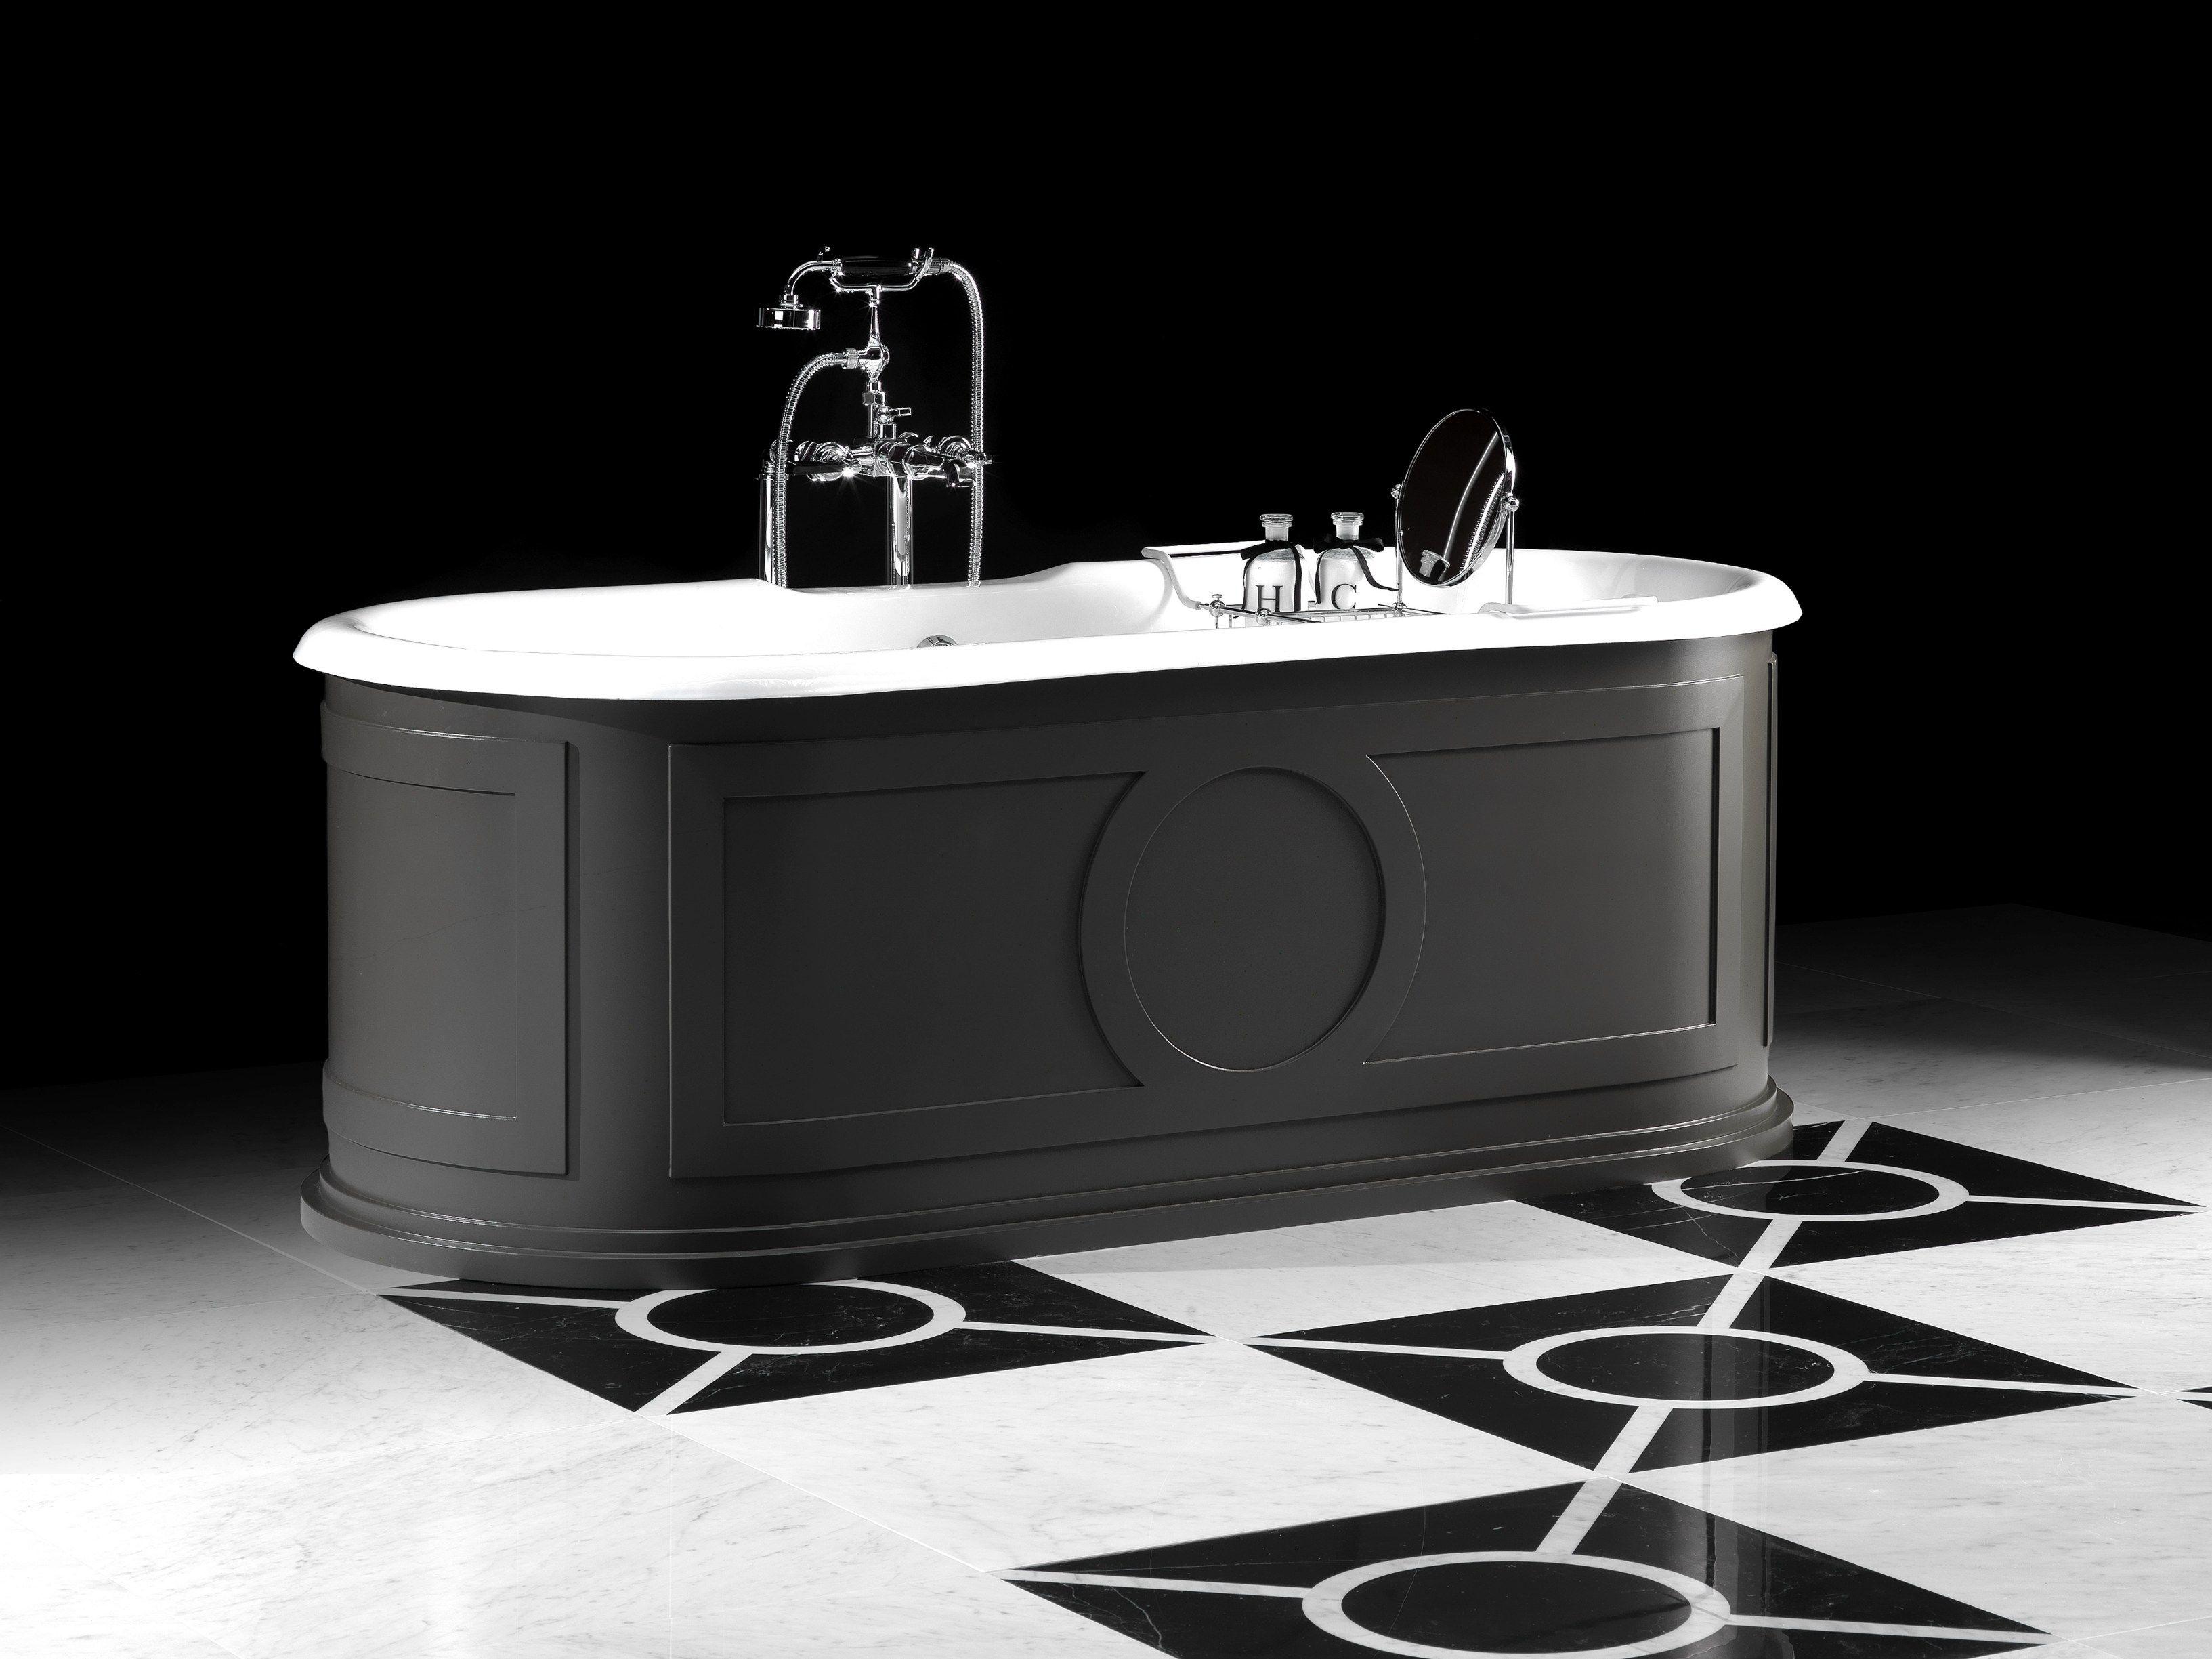 baignoire en aluminium de style classique capitol by devon devon. Black Bedroom Furniture Sets. Home Design Ideas